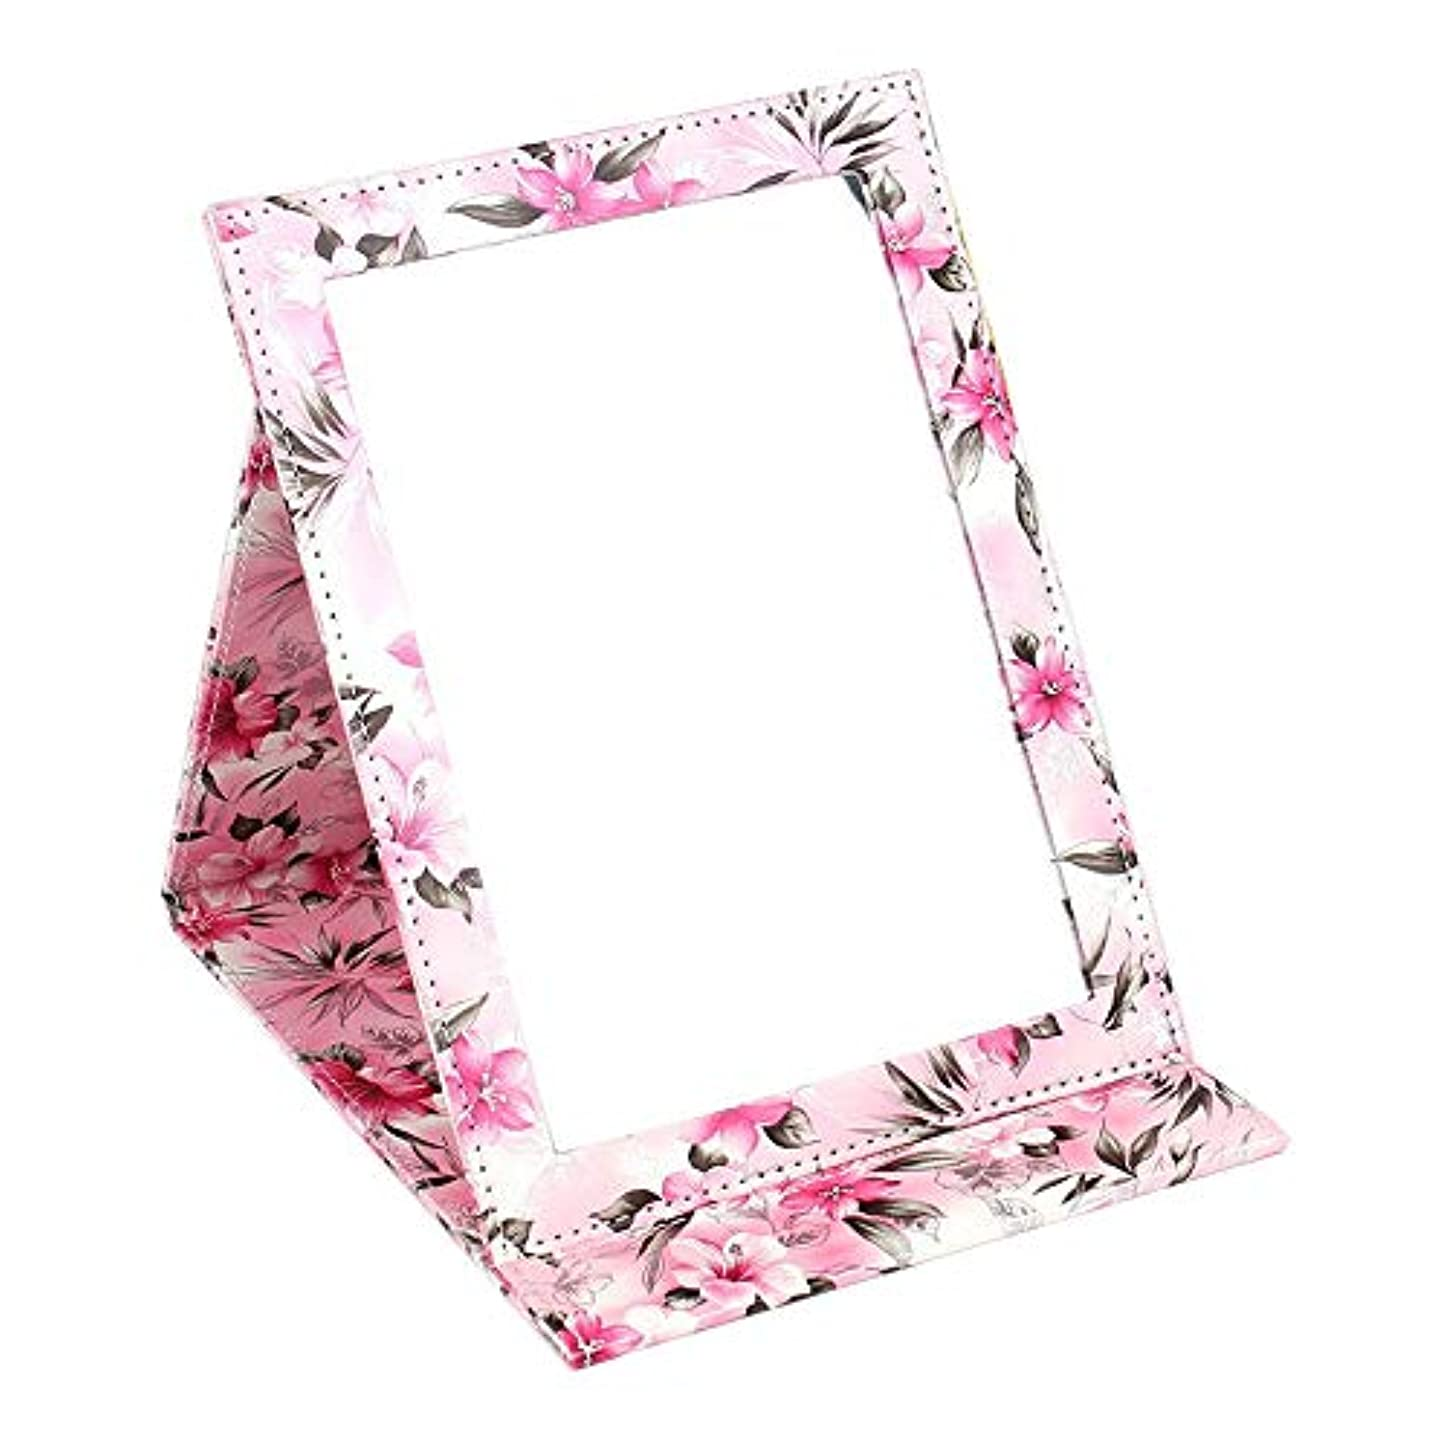 審判乱れモディッシュYummyBuy 化粧ミラー 折りたたみ ミラー 鏡 卓上 化粧 化粧鏡 角度調整自由自在 上質PUレザー使用(クロコダイル?パターン、2サイズ) (大きなサイズ, ハッピーカラー)